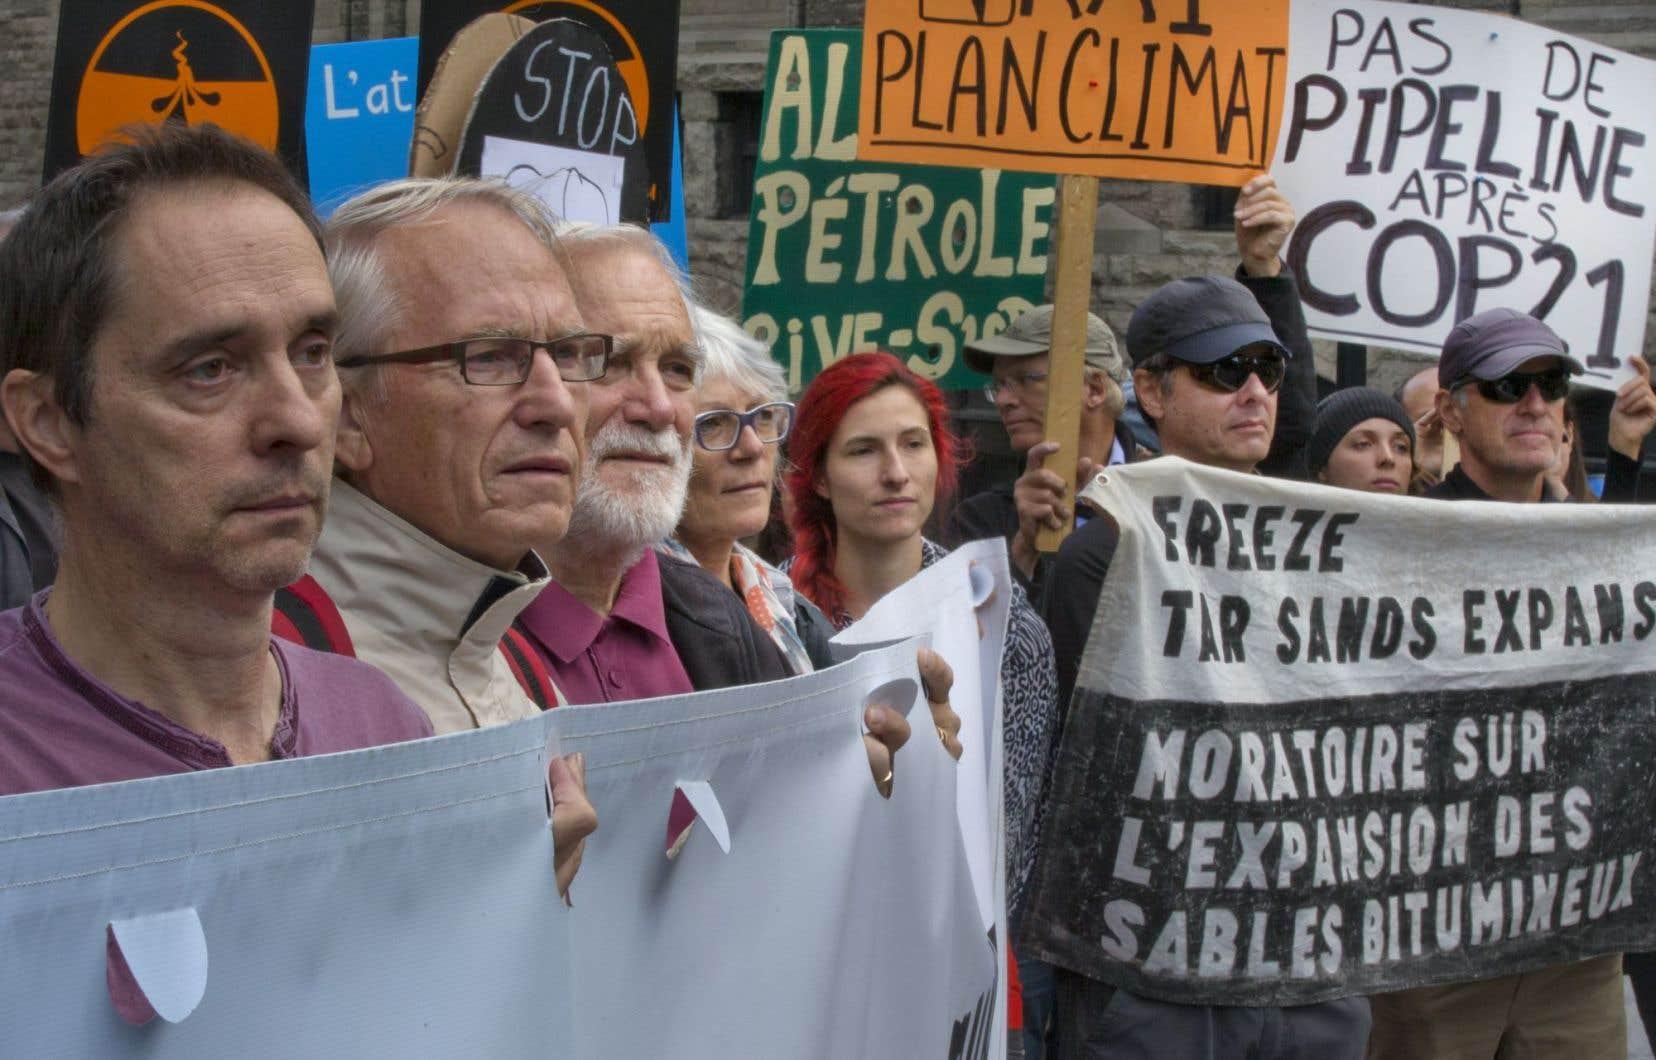 Des opposants à l'exploitation des énergies fossiles ont manifesté durant les négociations.